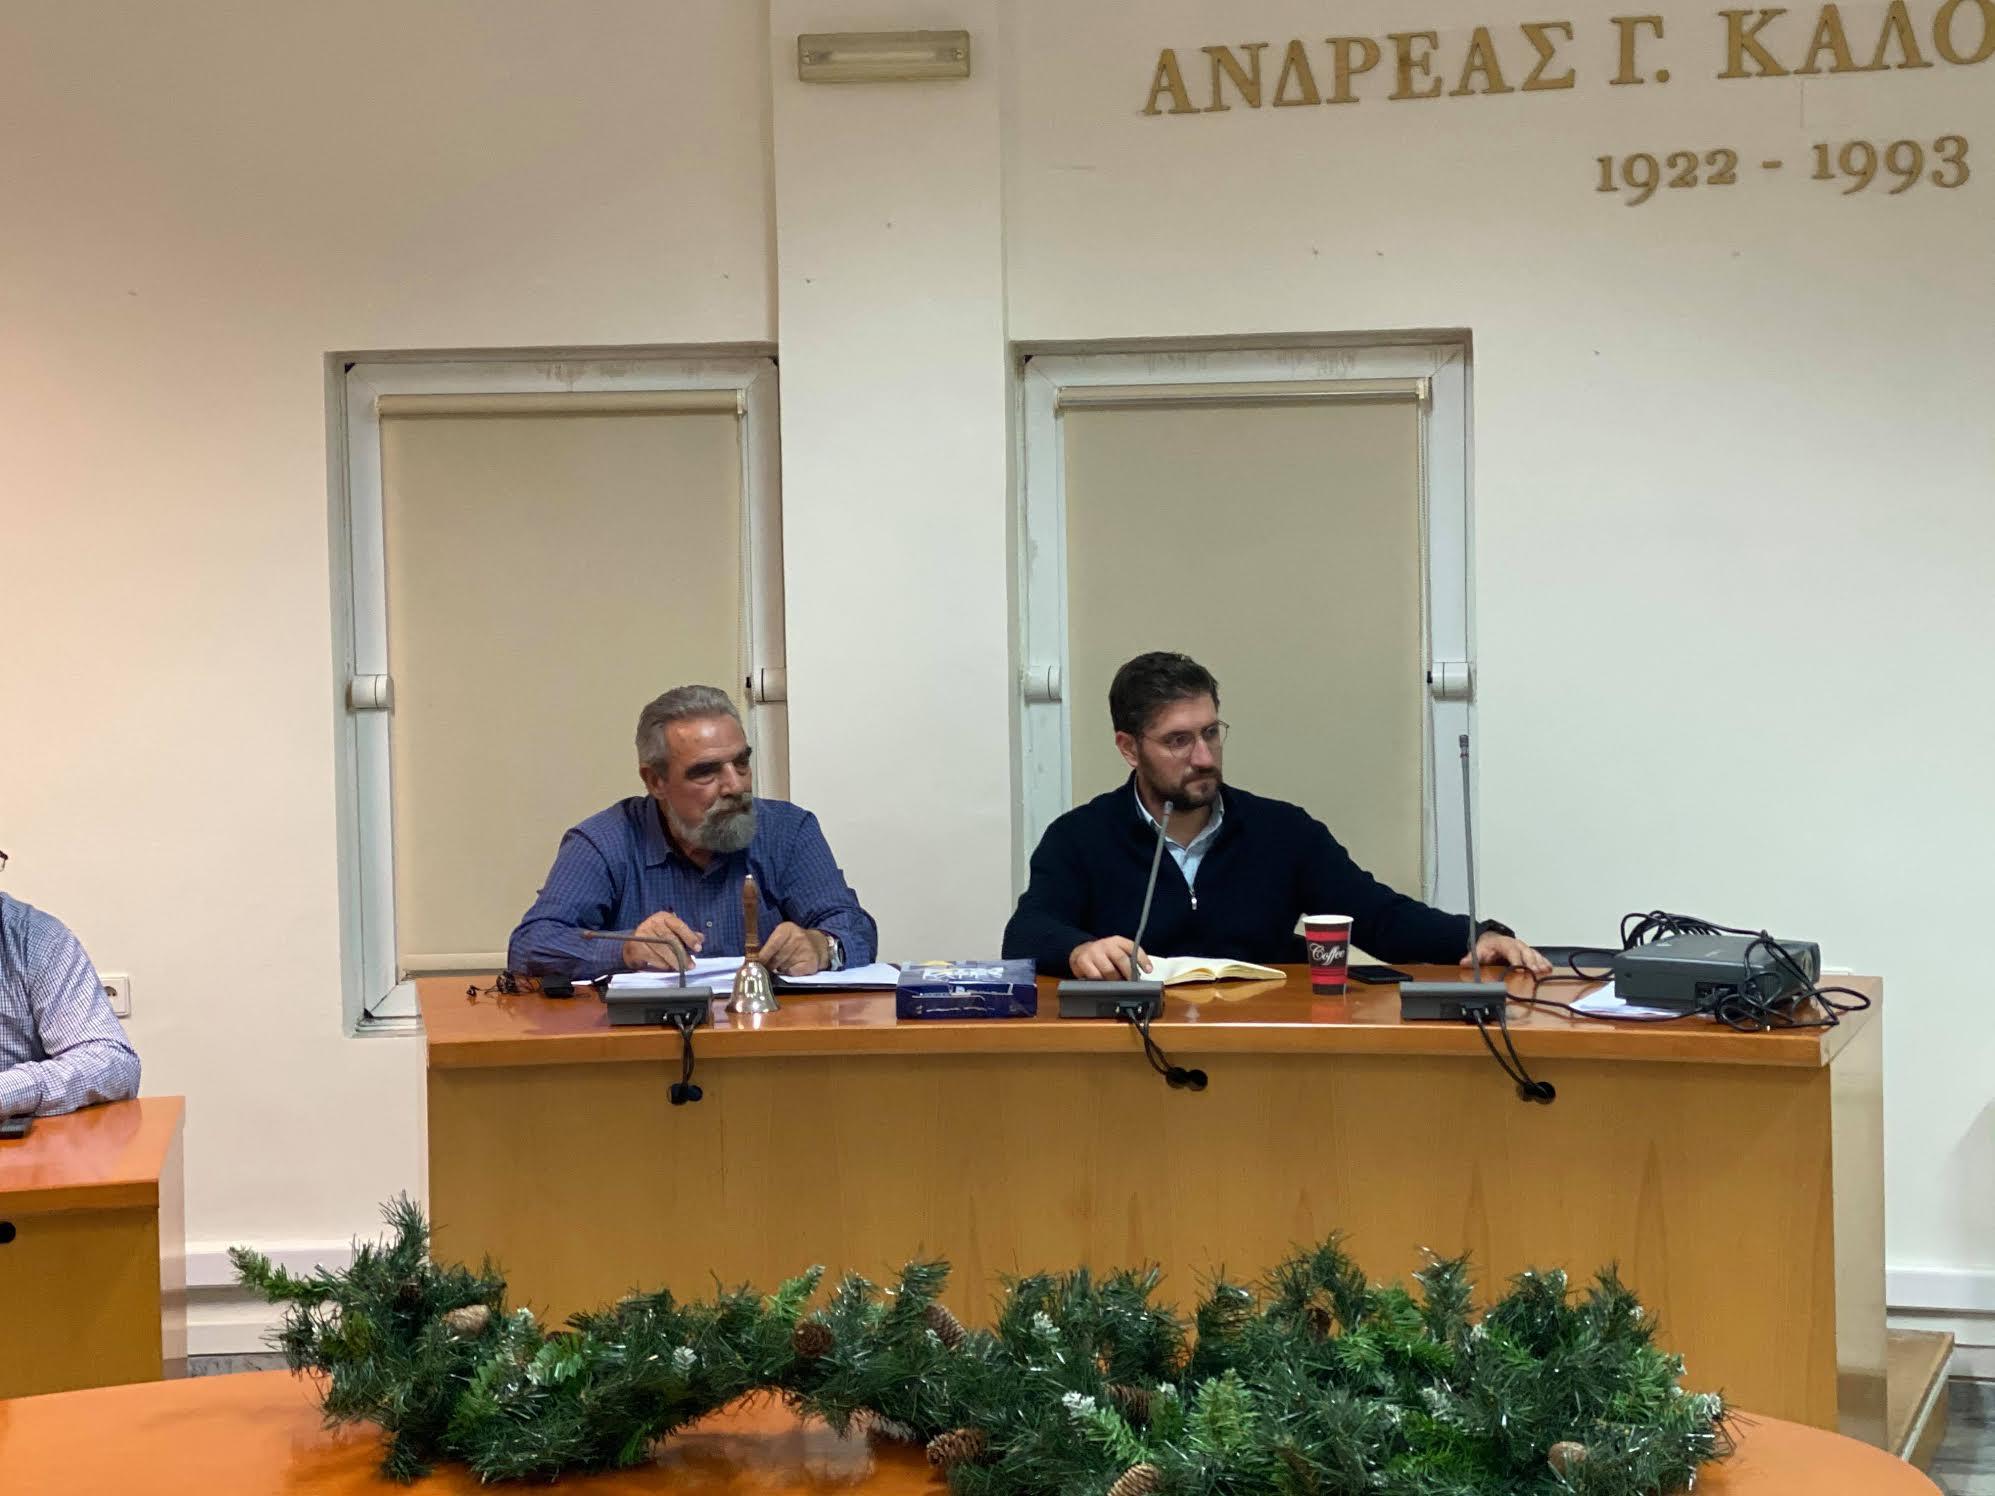 0-2-17 Σύσκεψη για τον πρωτογενή τομέα στο Μαλεβίζι